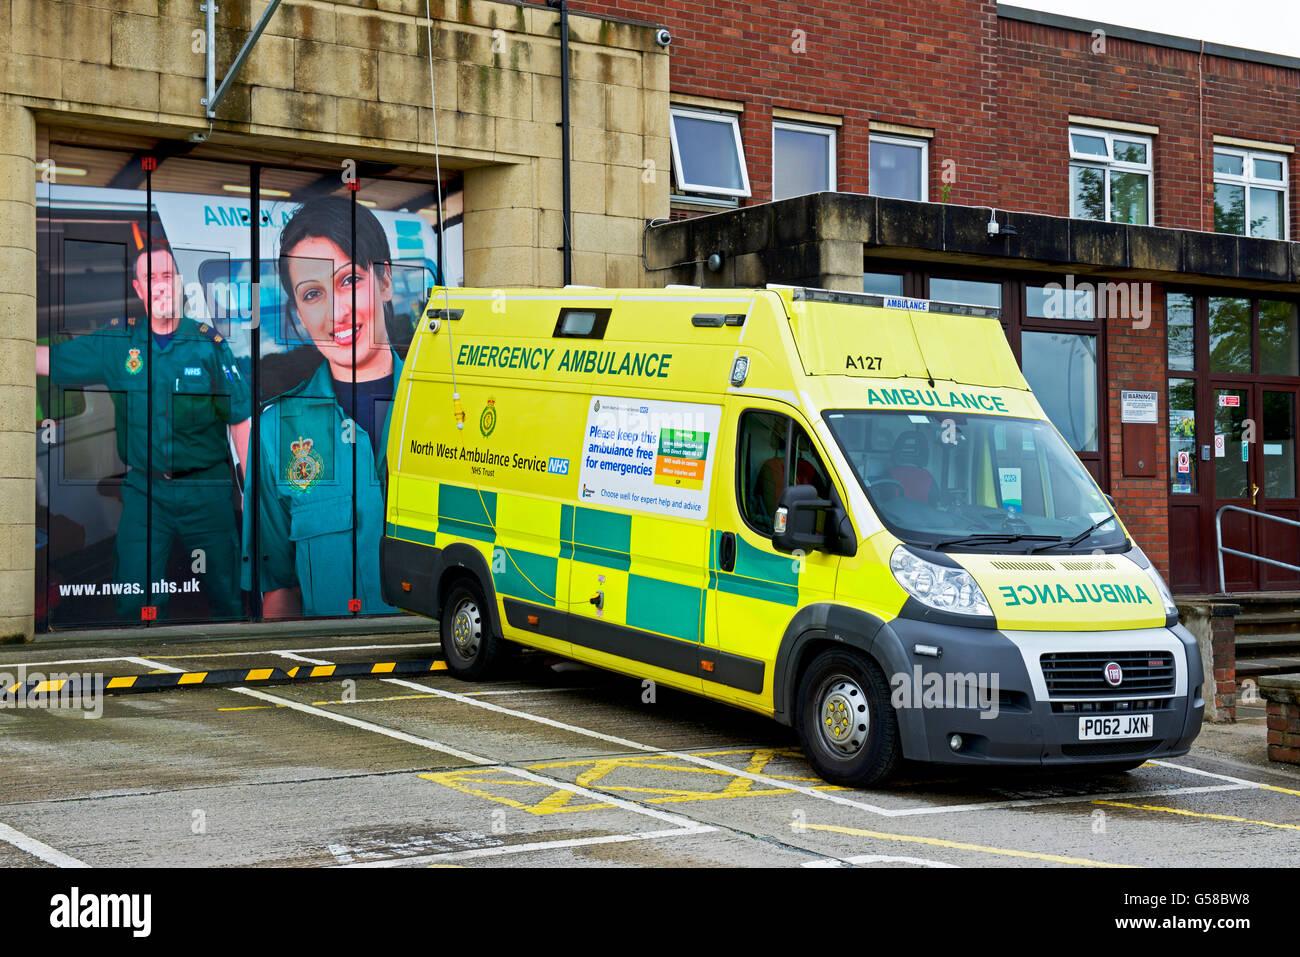 Ambulance parked outside fire station, England UK - Stock Image